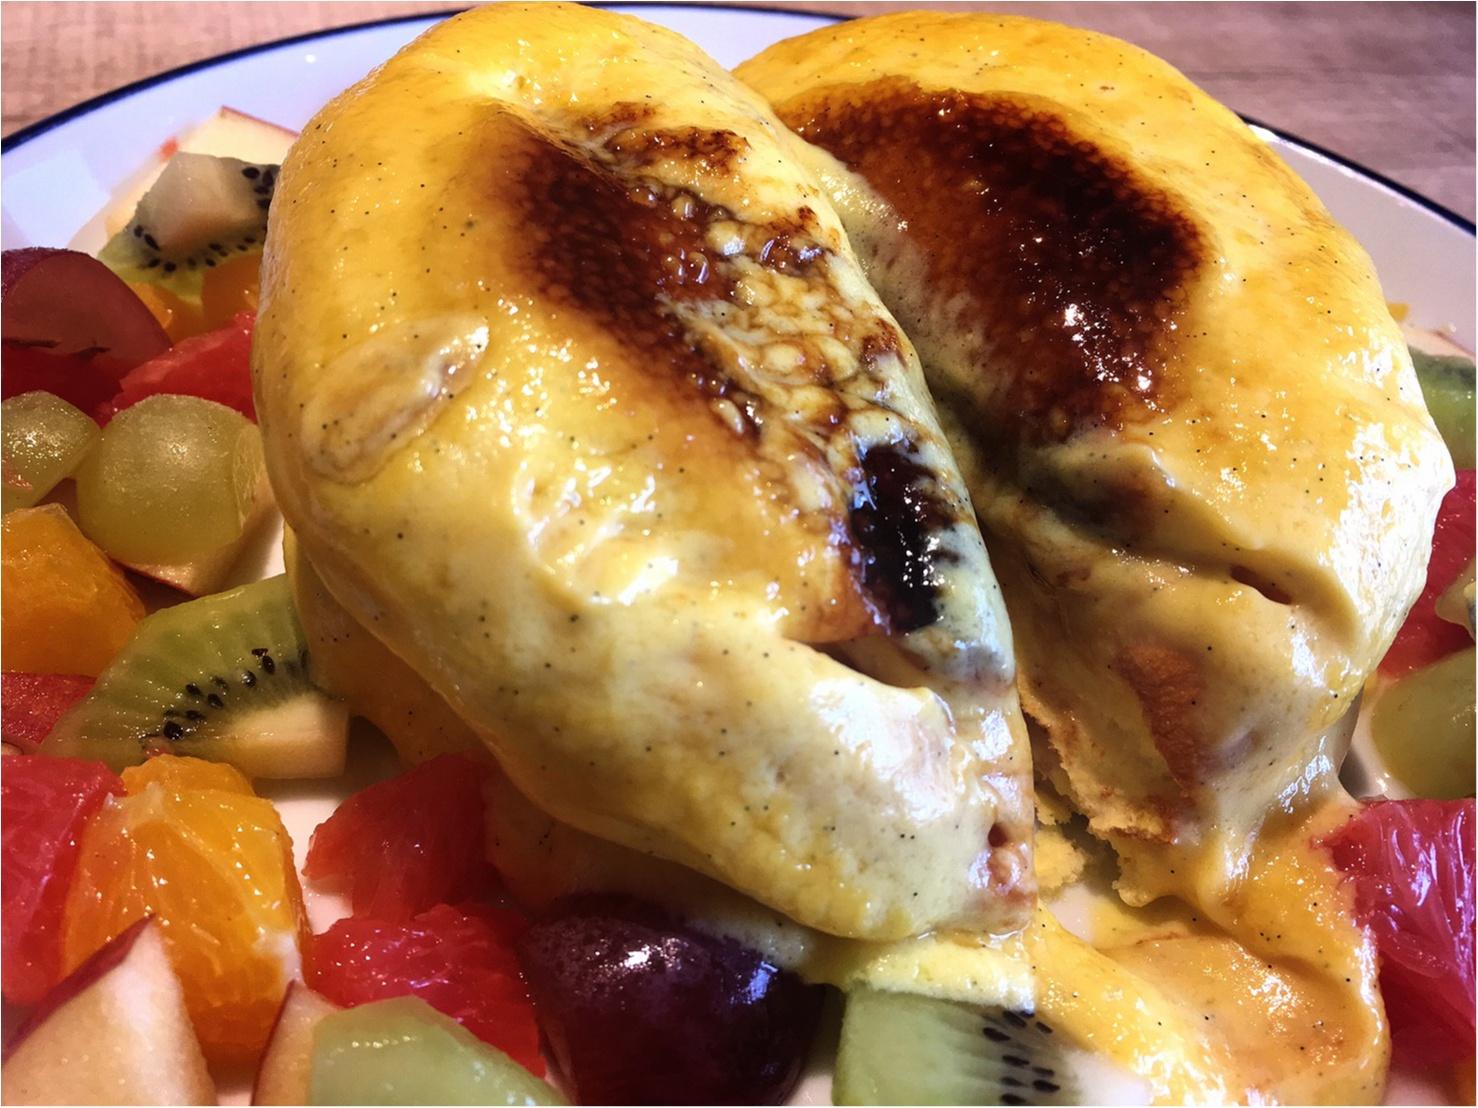 【武蔵小杉】とろぉ〜ふわぁ〜。雑誌で見かけて食べたかったクリームブリュレパンケーキ!_4